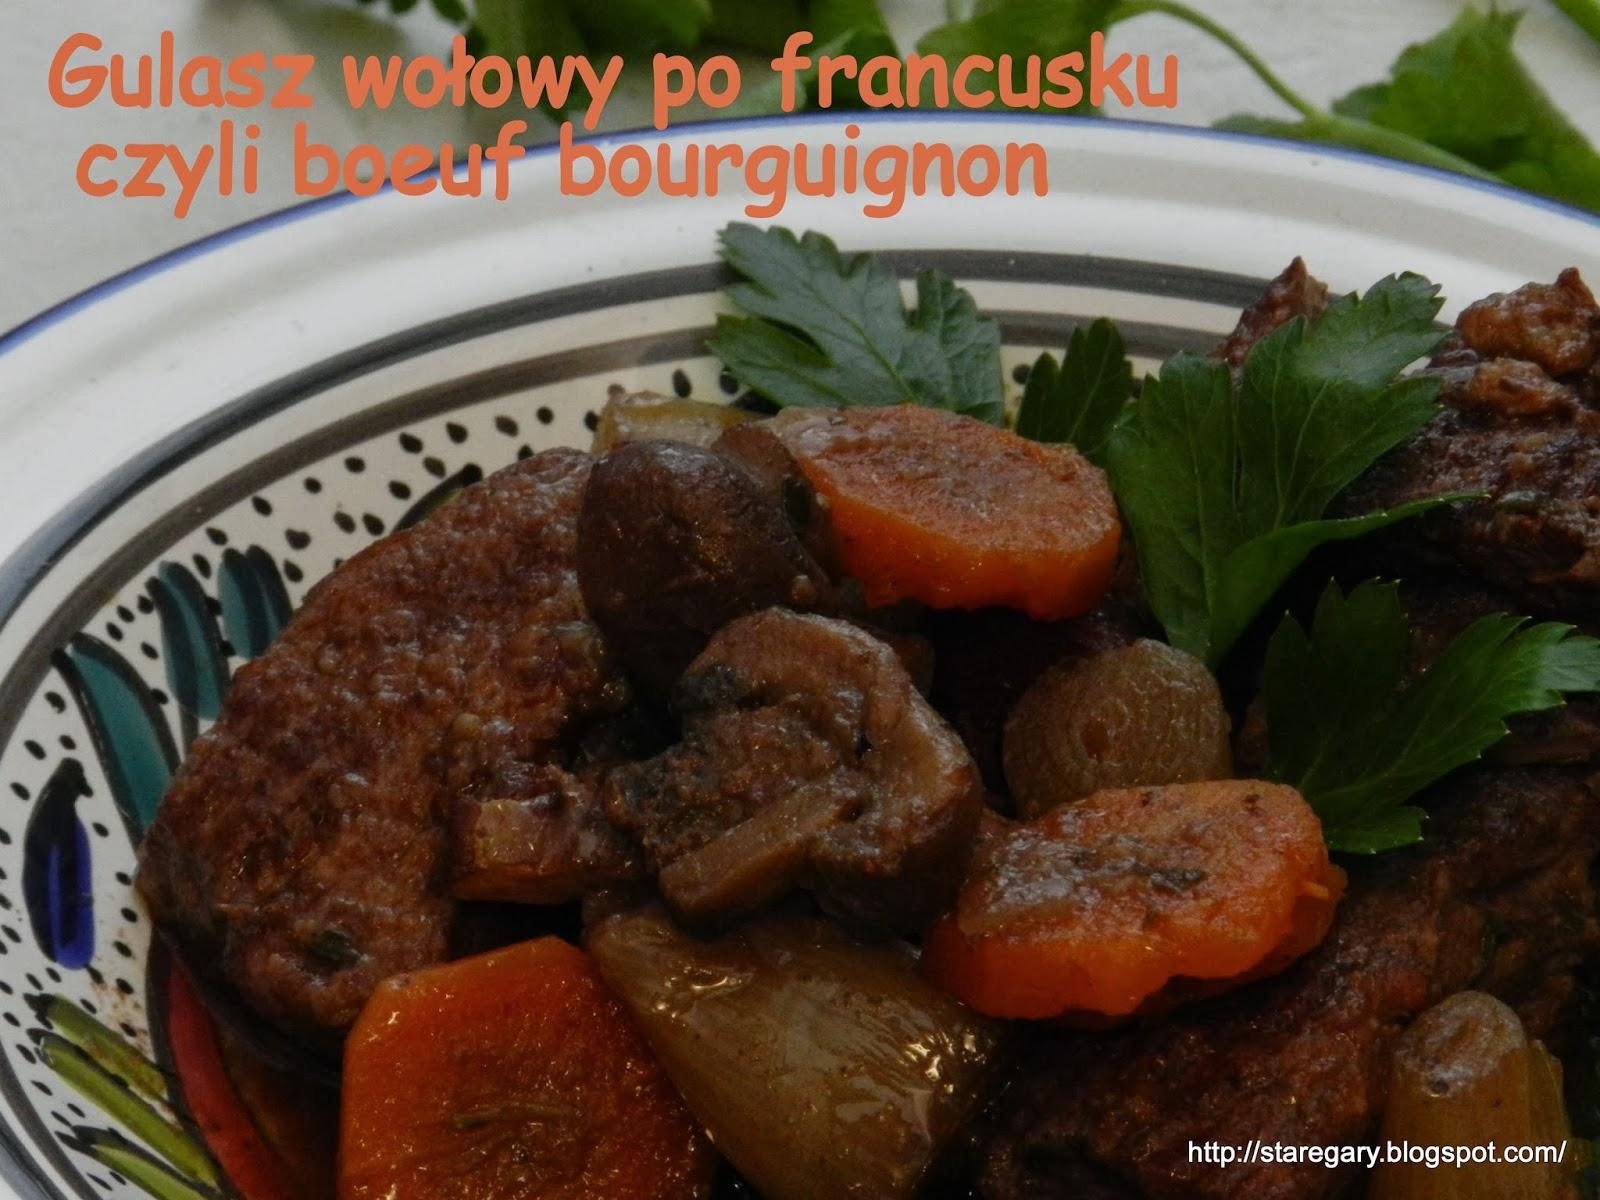 Gulasz wołowy po francusku czyli boeuf bourguignon